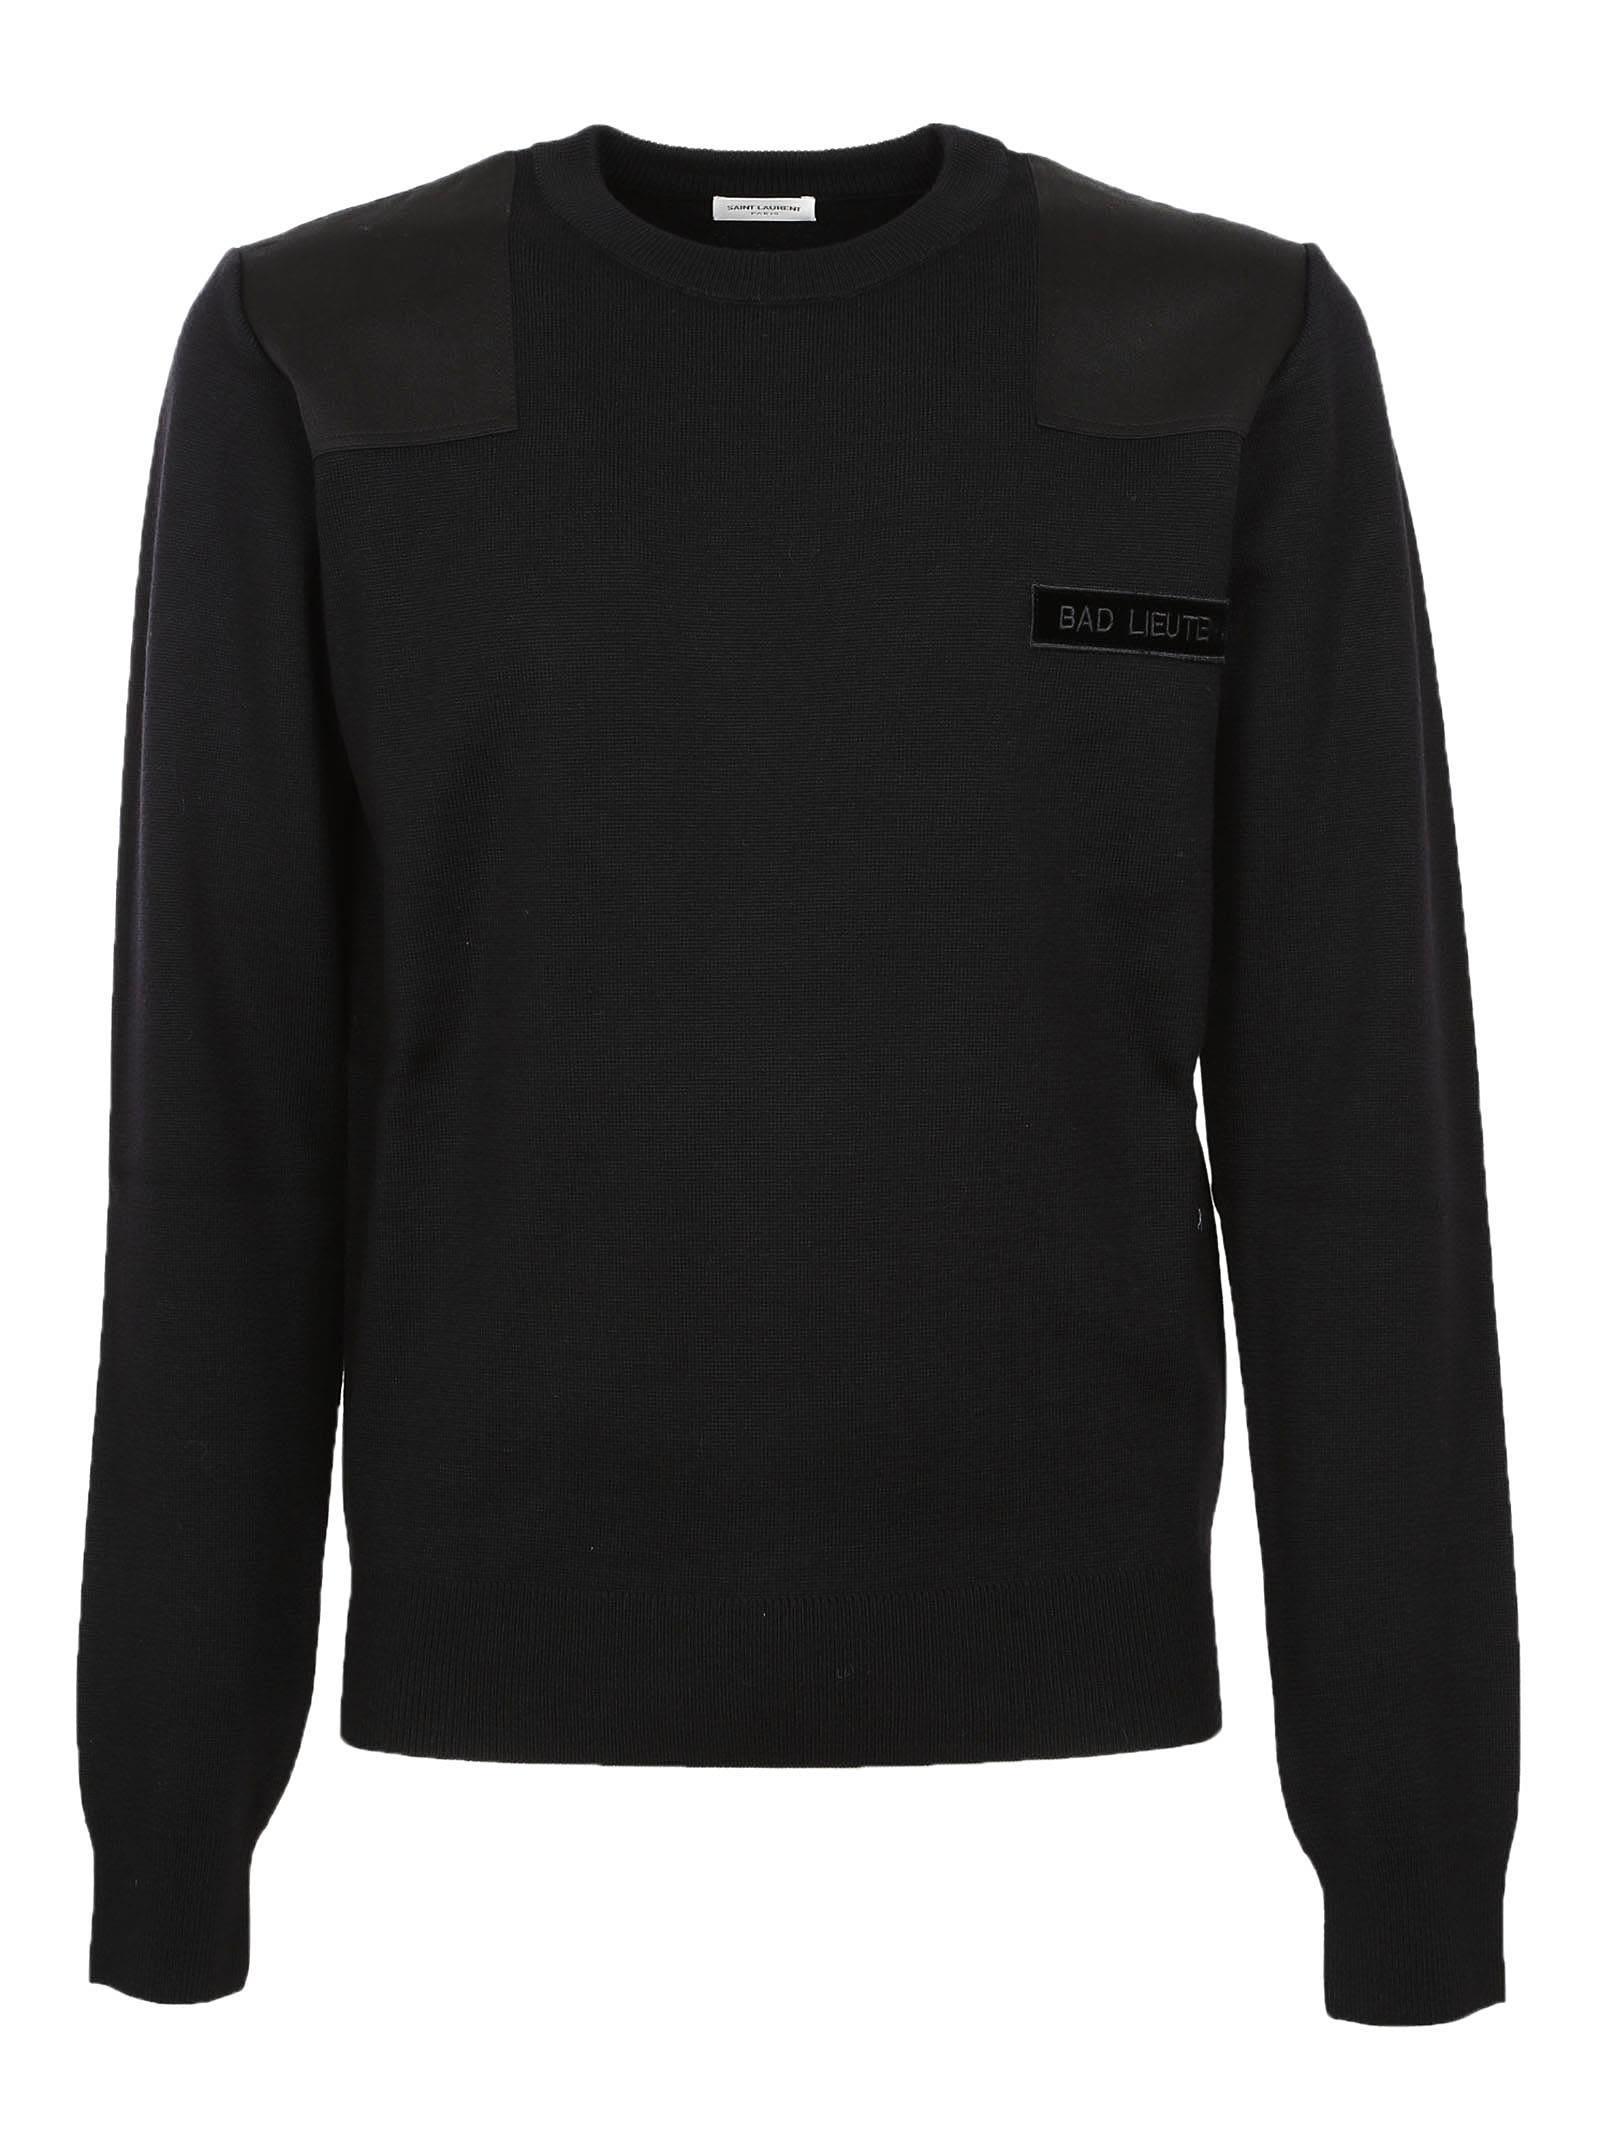 Saint Laurent Patch Sweater